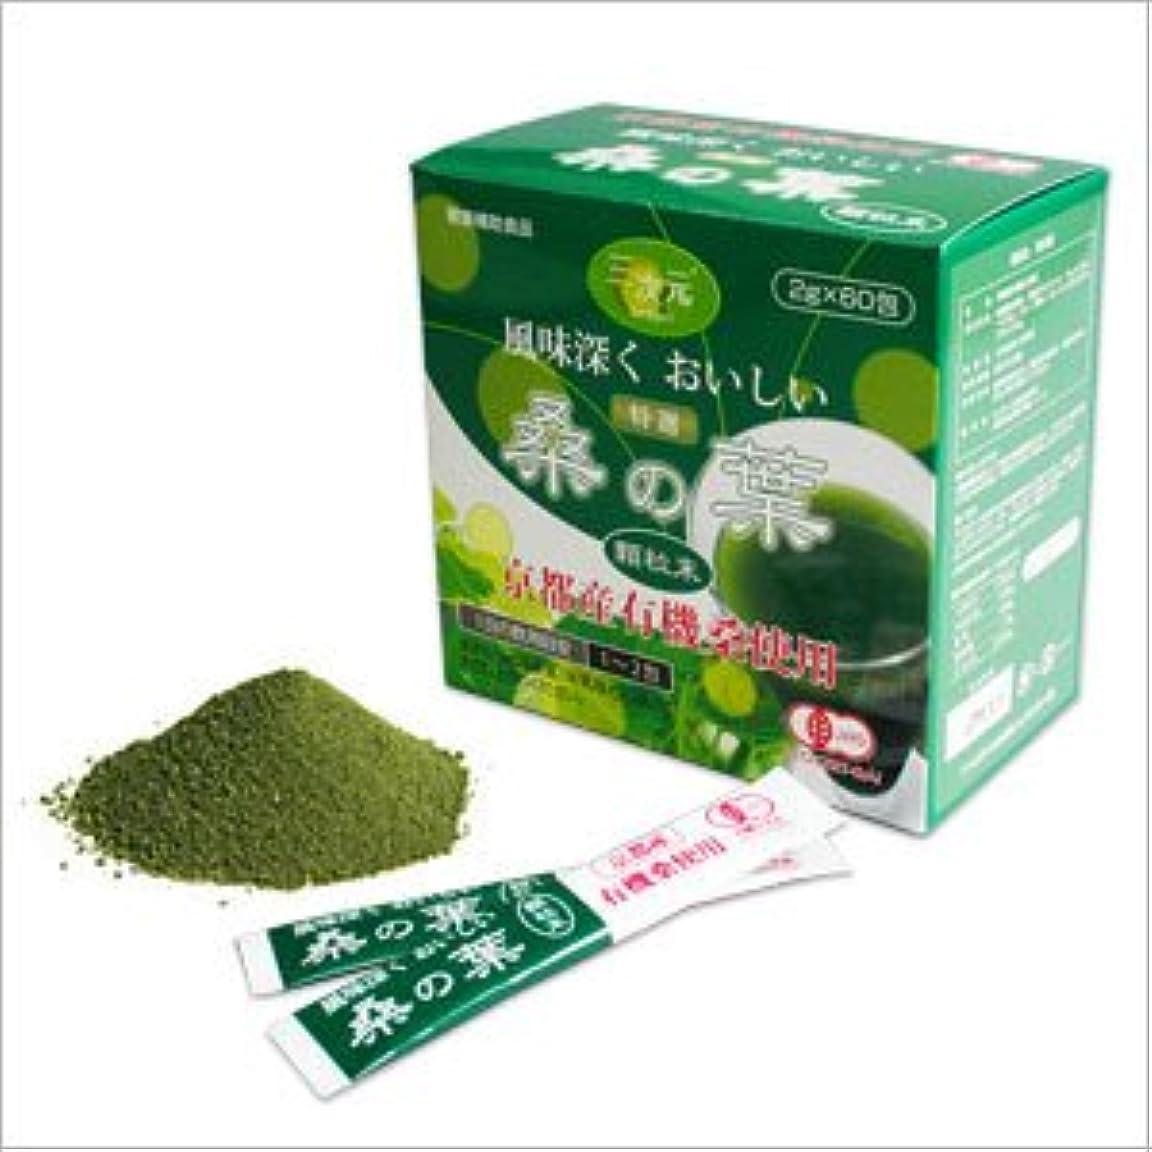 注ぎますちらつき地下桑の葉 2箱セット 健康食品